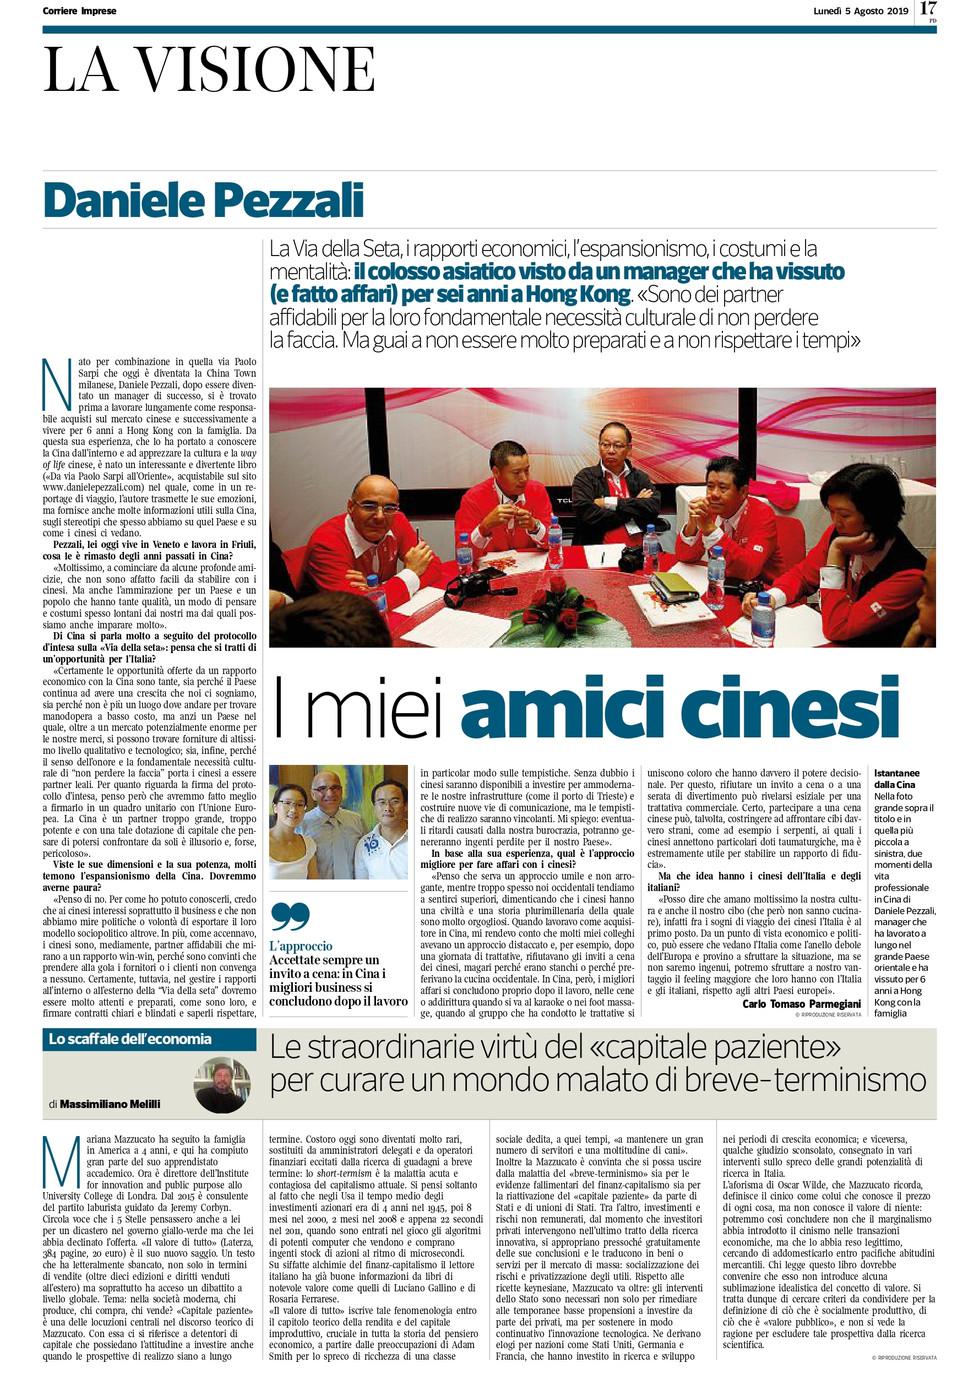 """CORRIERE IMPRESE NORD EST La Visione Daniele Pezzali """"I miei amici cinesi"""""""